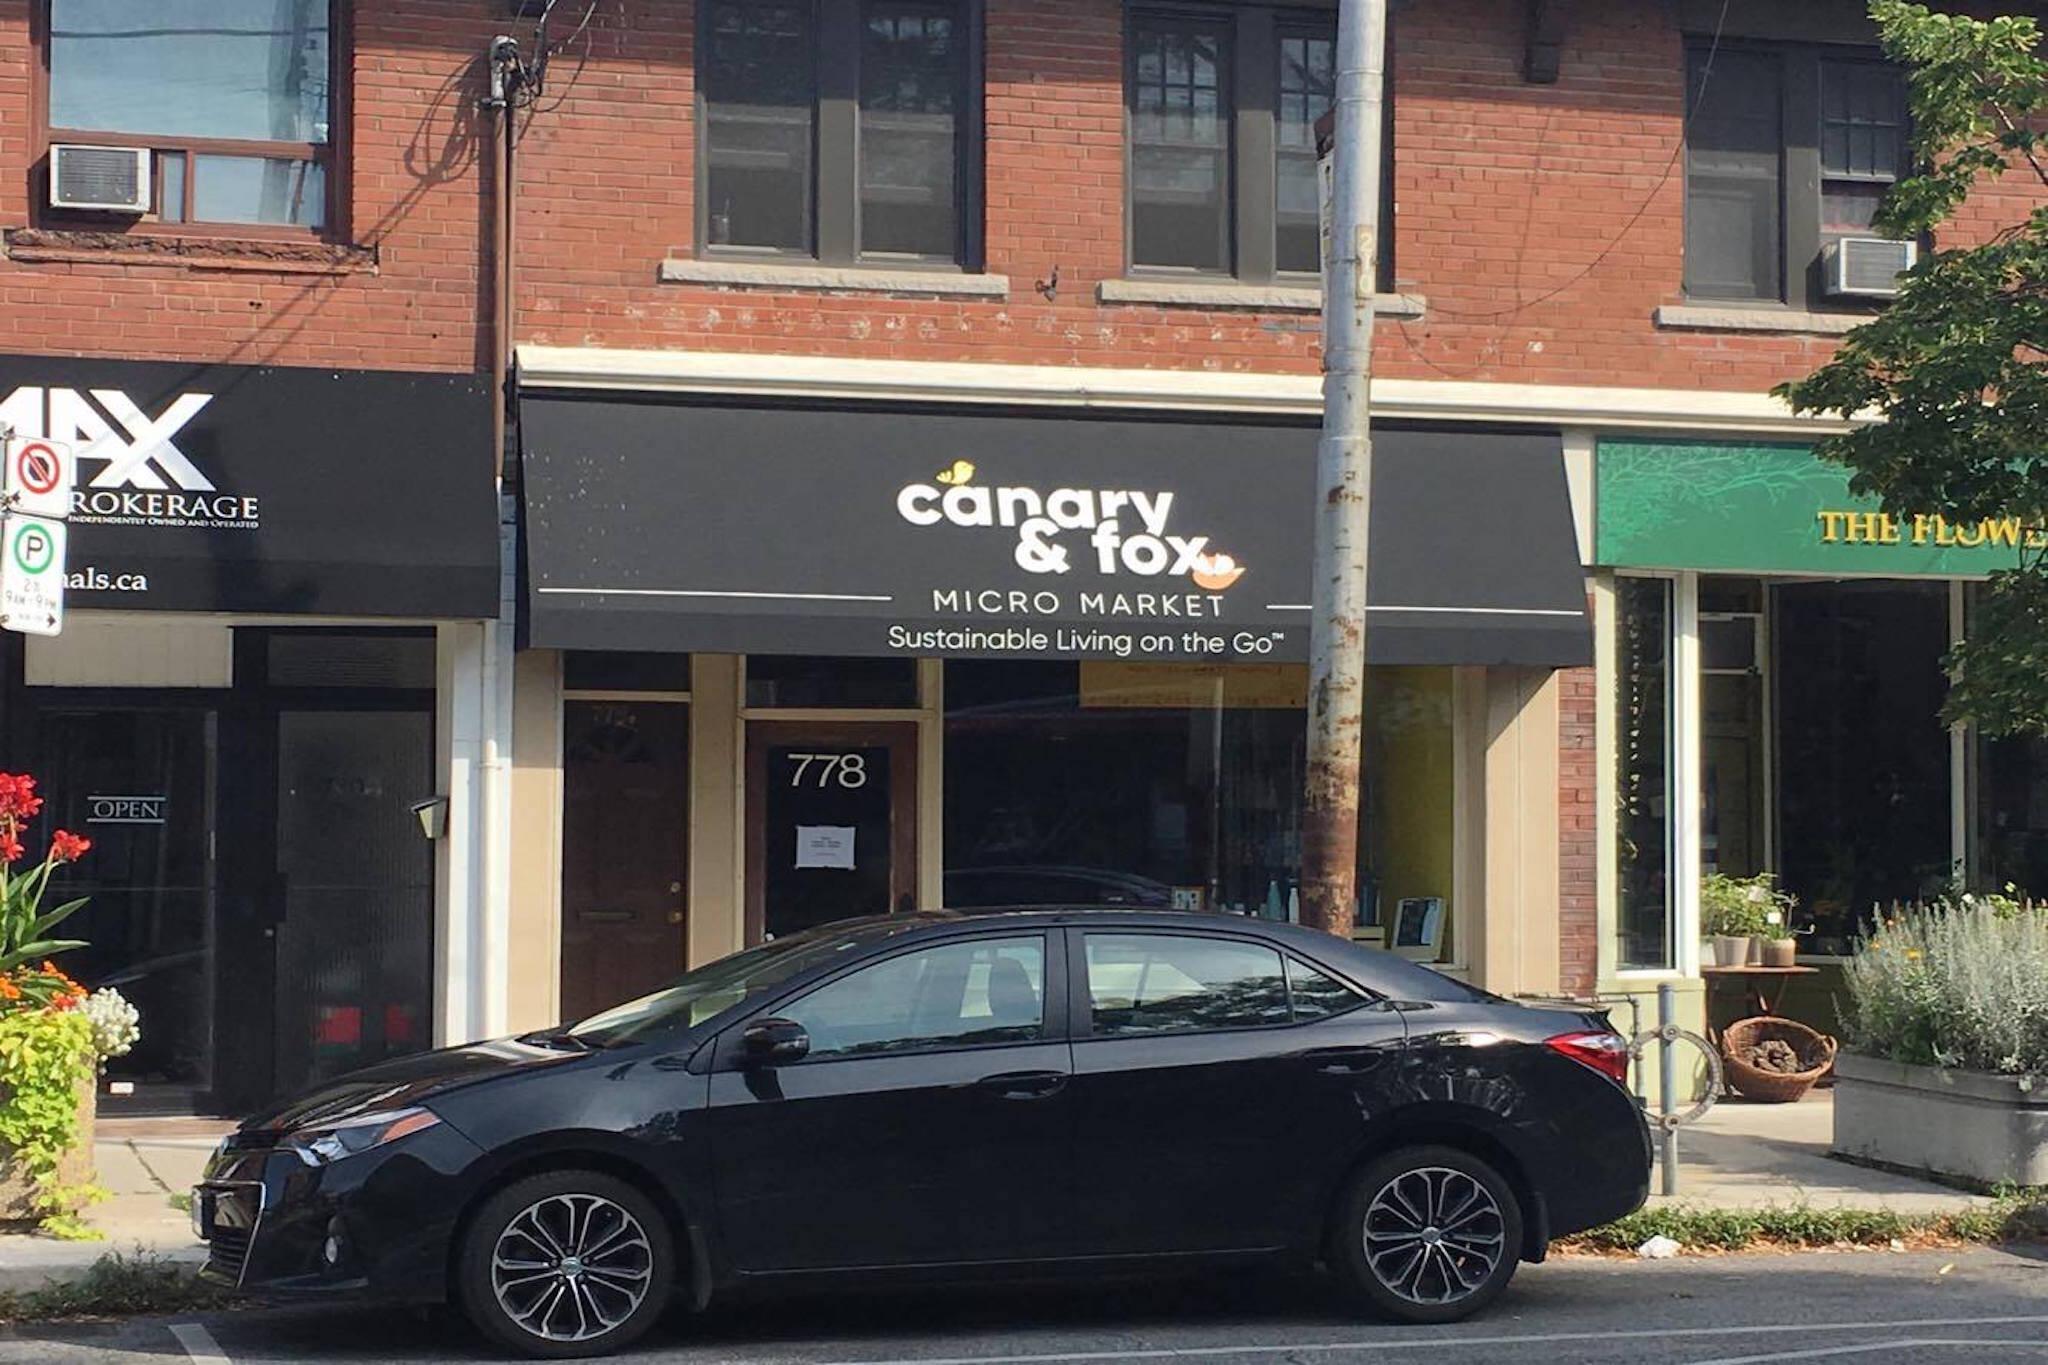 Canary Fox Toronto